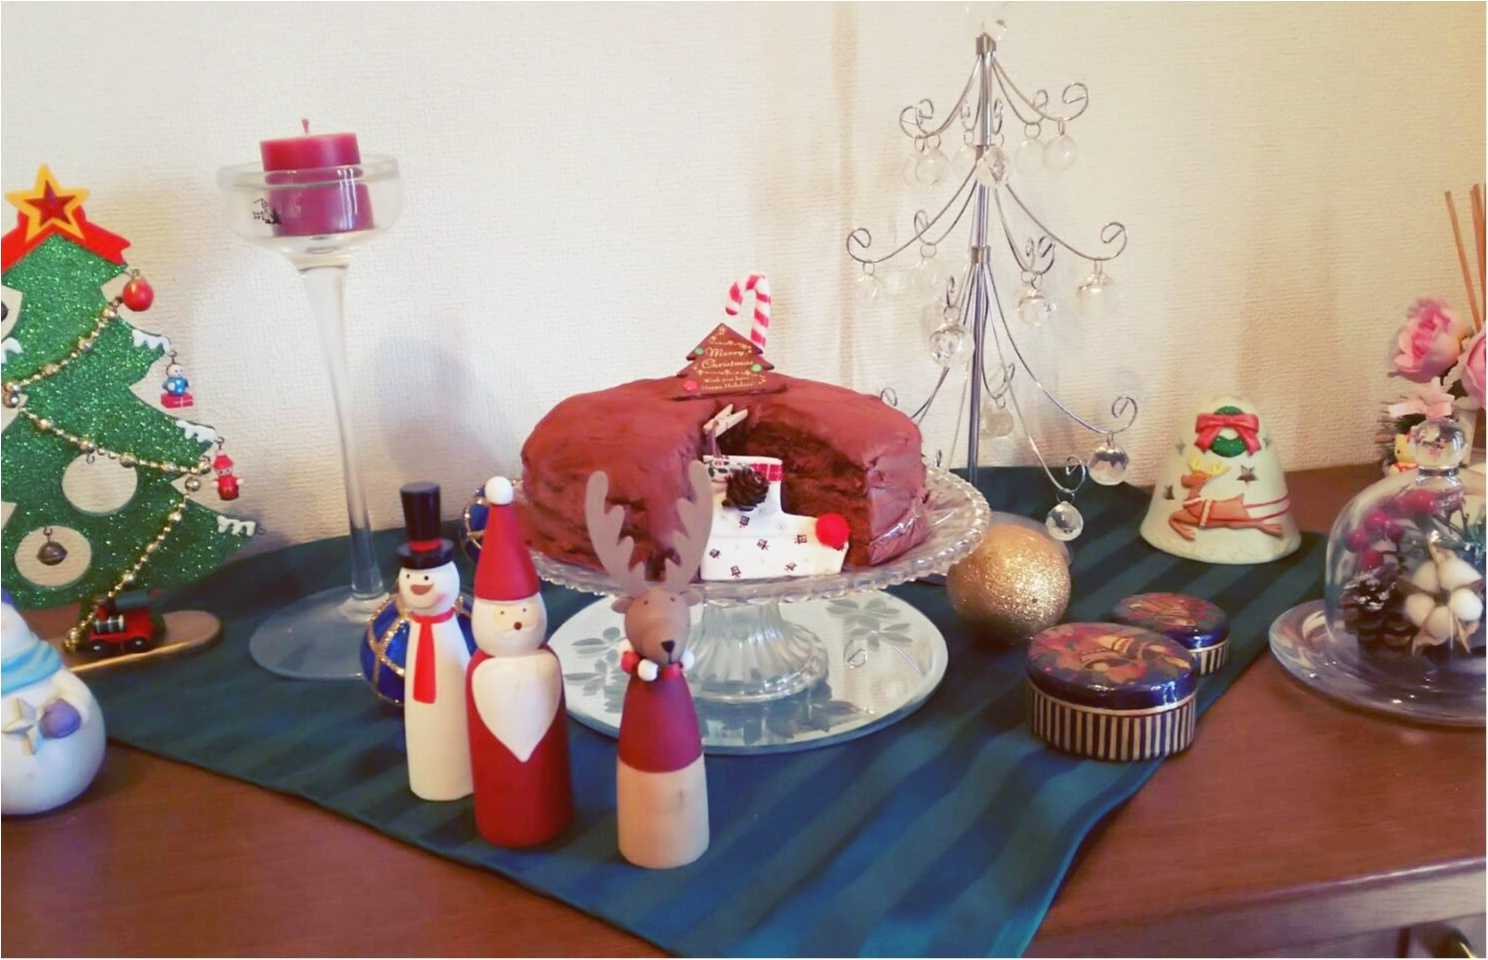 【クリスマスケーキ】大好きな手作りチョコレートケーキ♡♡クックパッドの人気レシピ_1